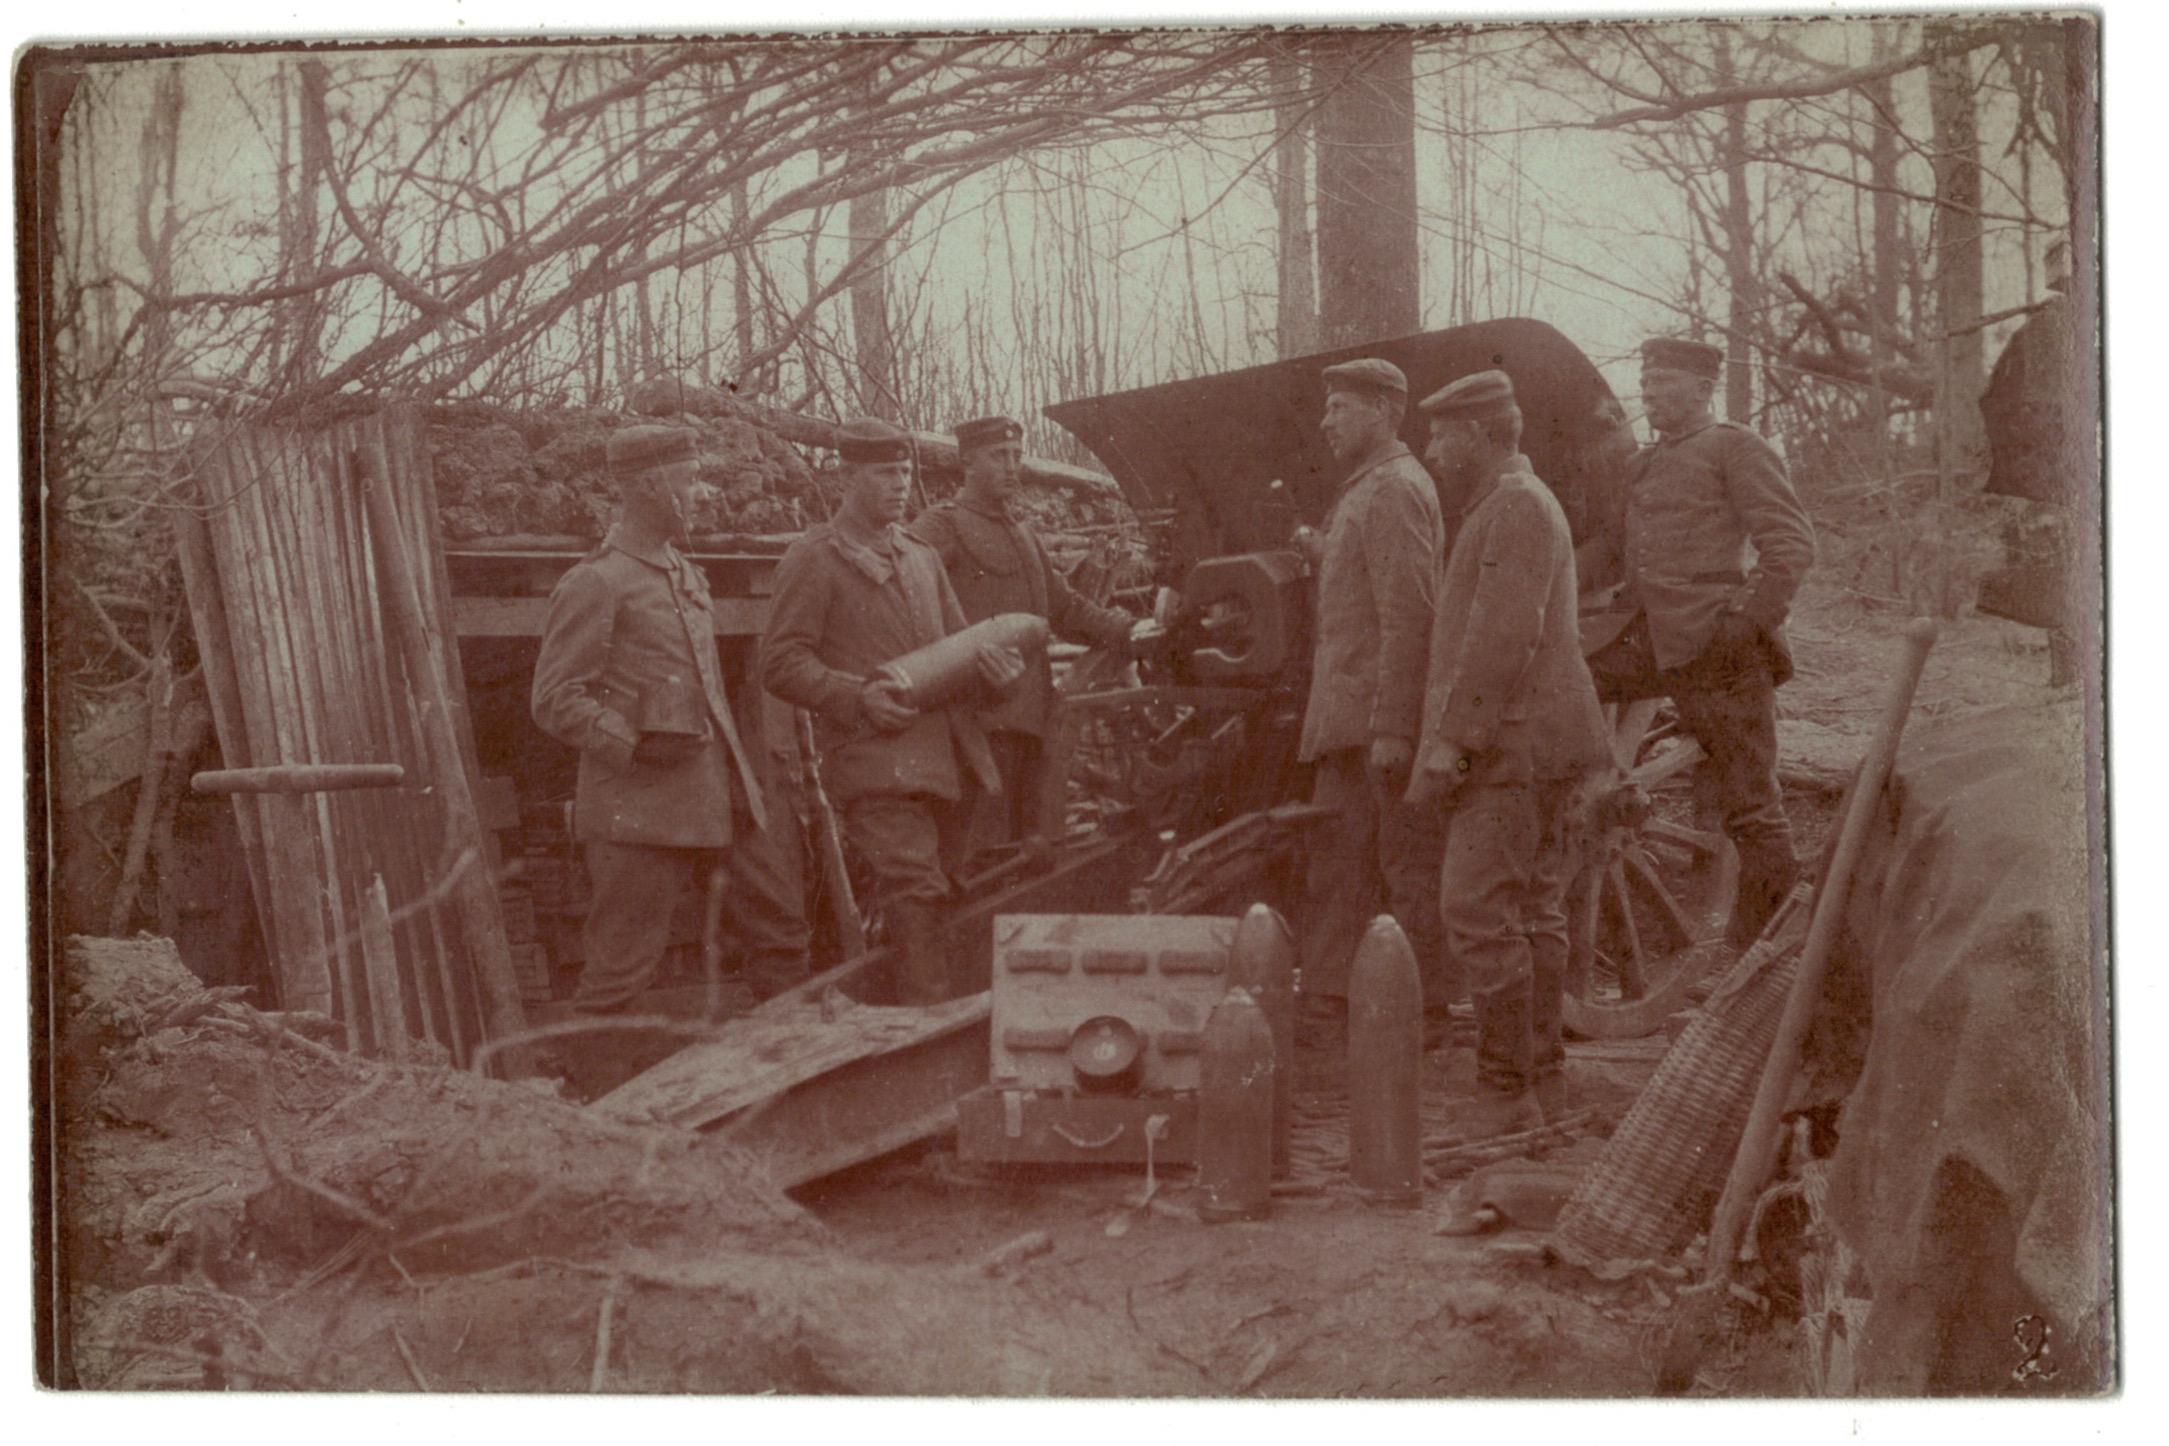 3 Photos papier originale - Artillerie Canon 14/18 - Allemagne - Tranchée - Front - Verdun 1917